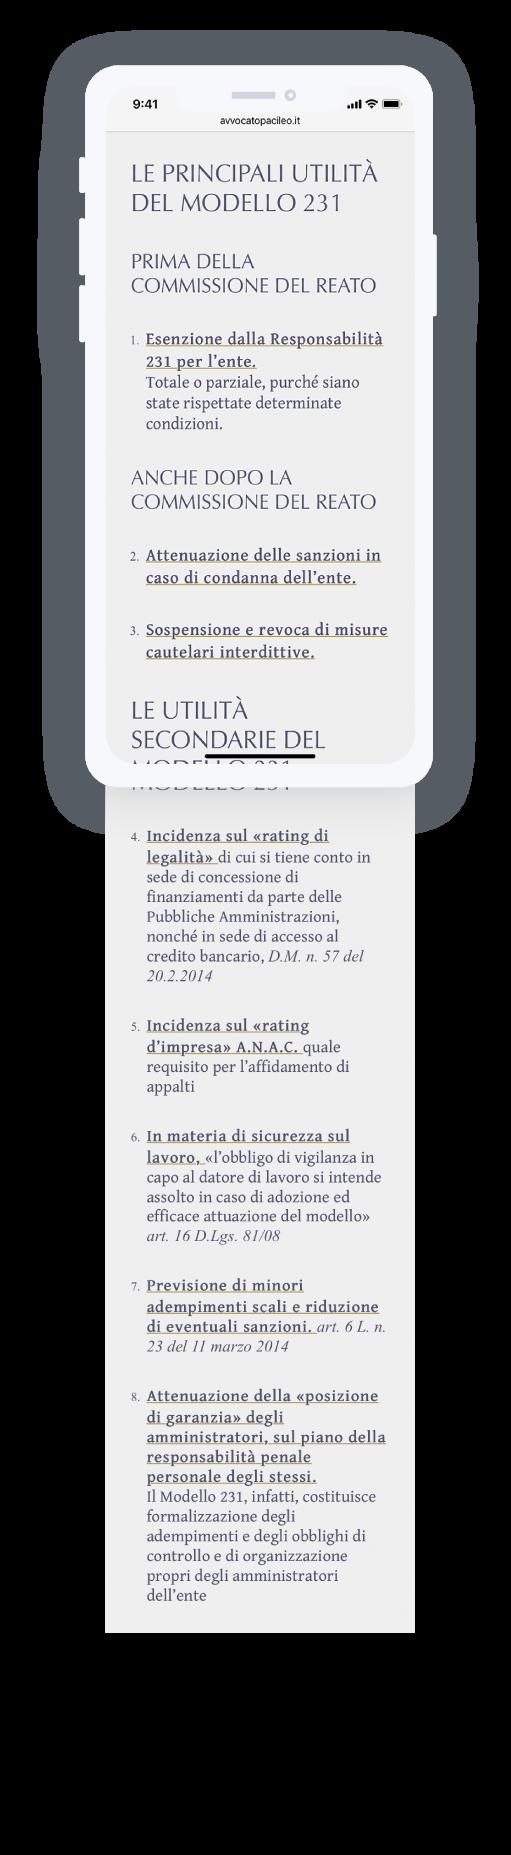 forzastudio carlo pacileo website webdesign